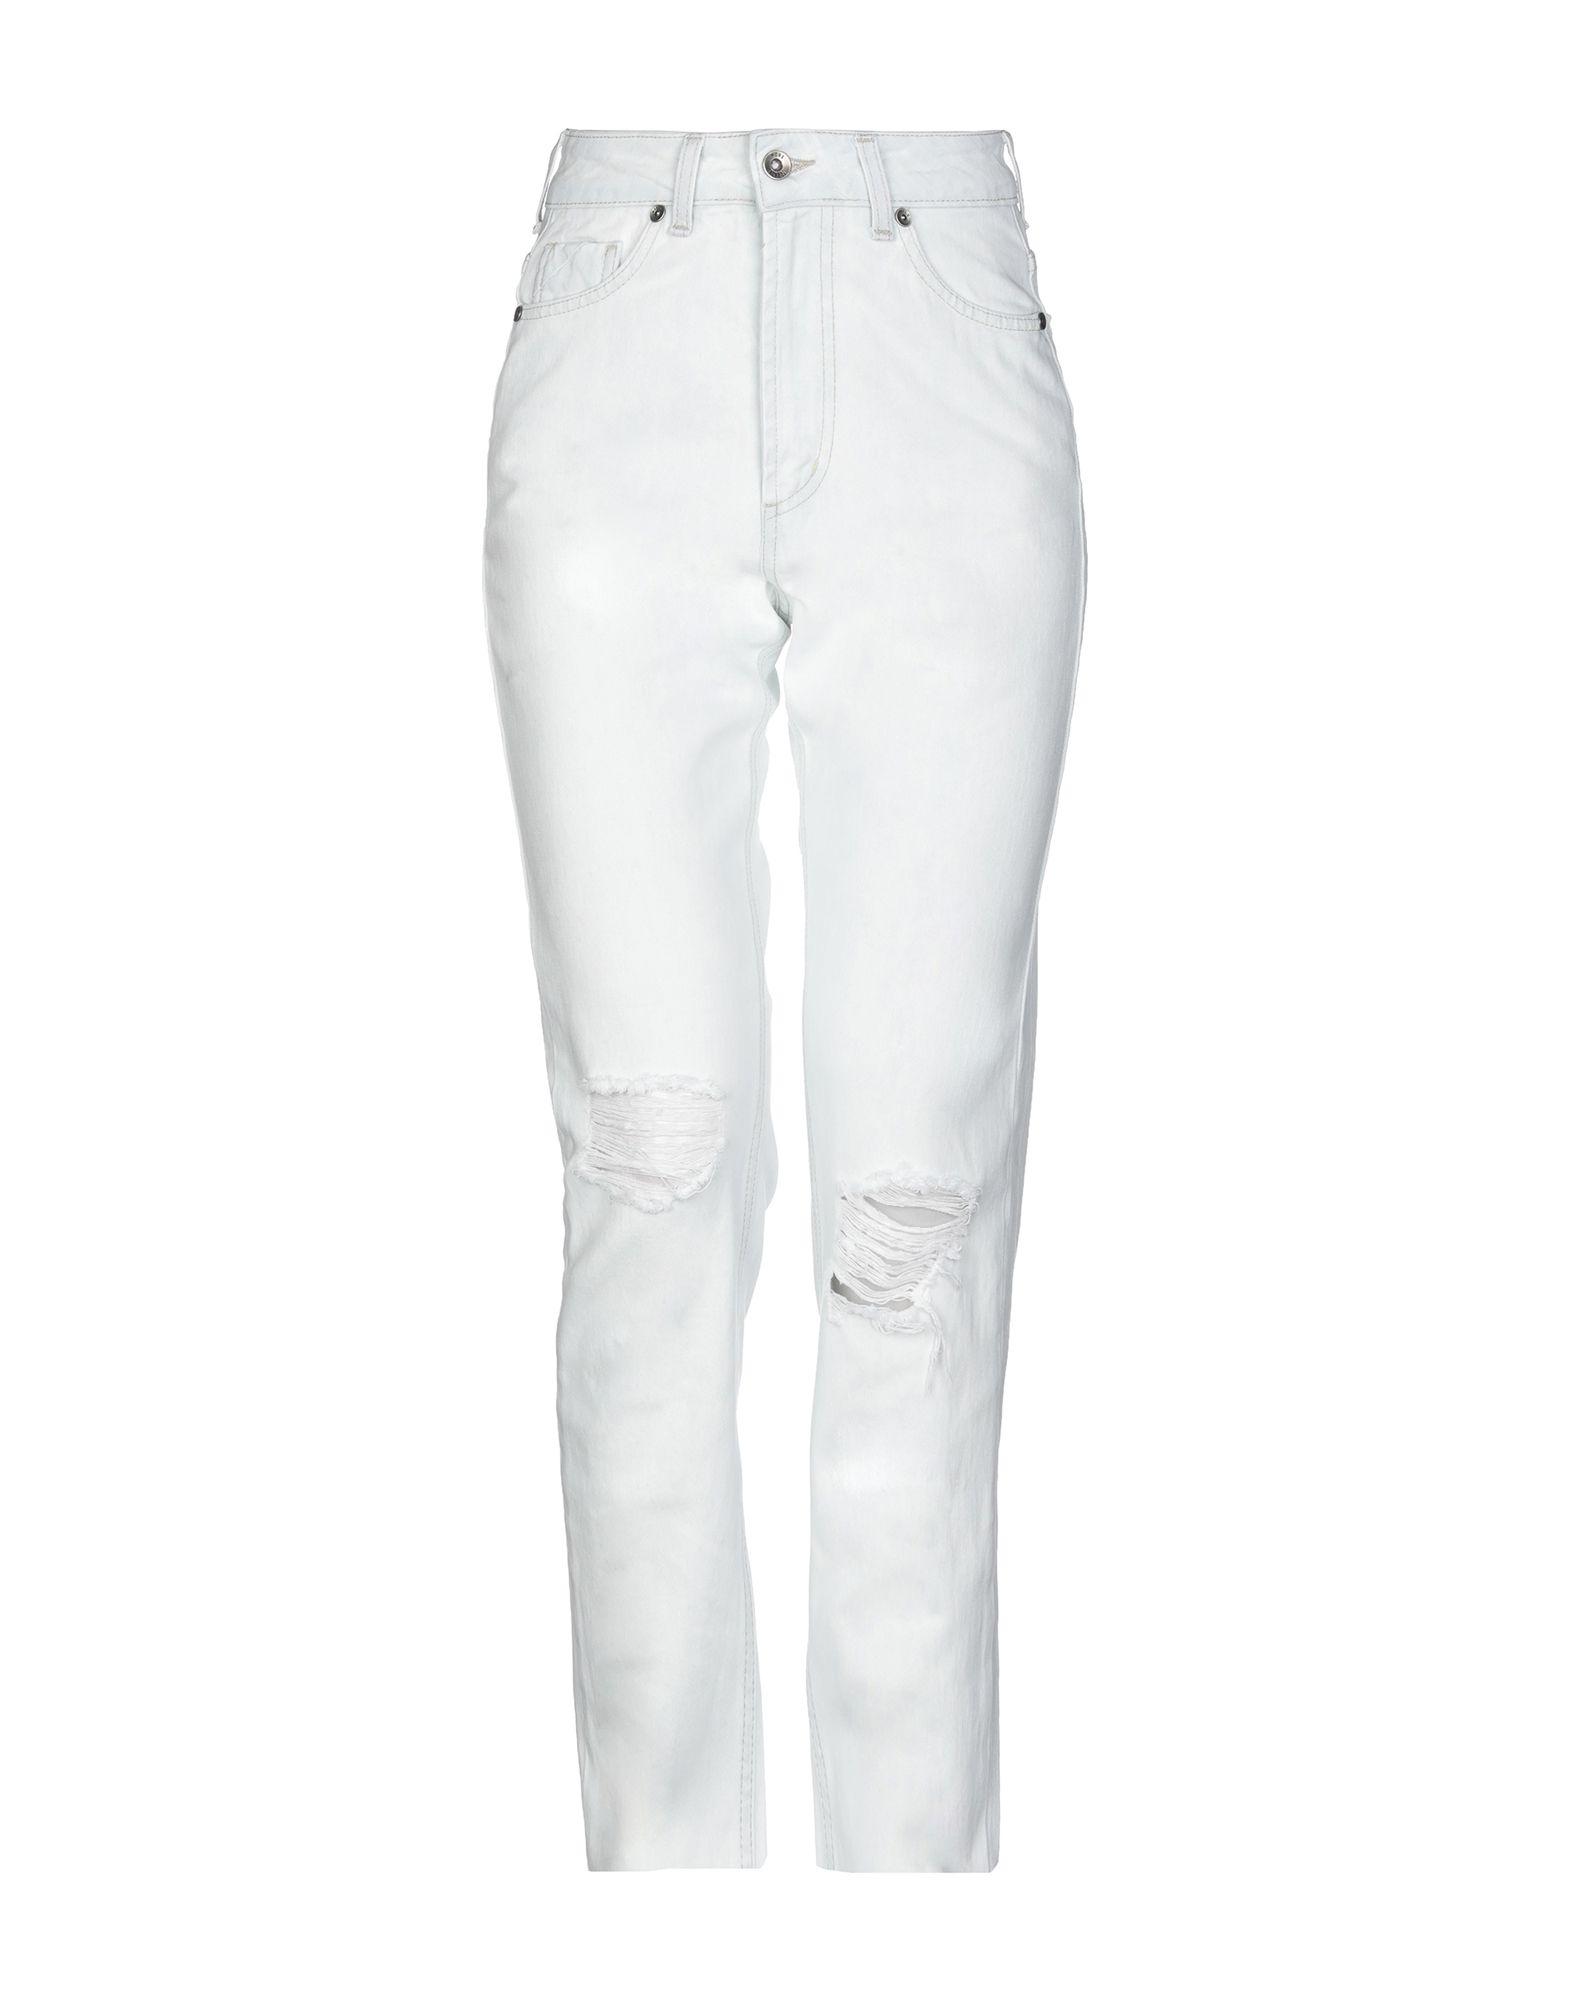 NICEBRAND Джинсовые брюки nicebrand толстовка